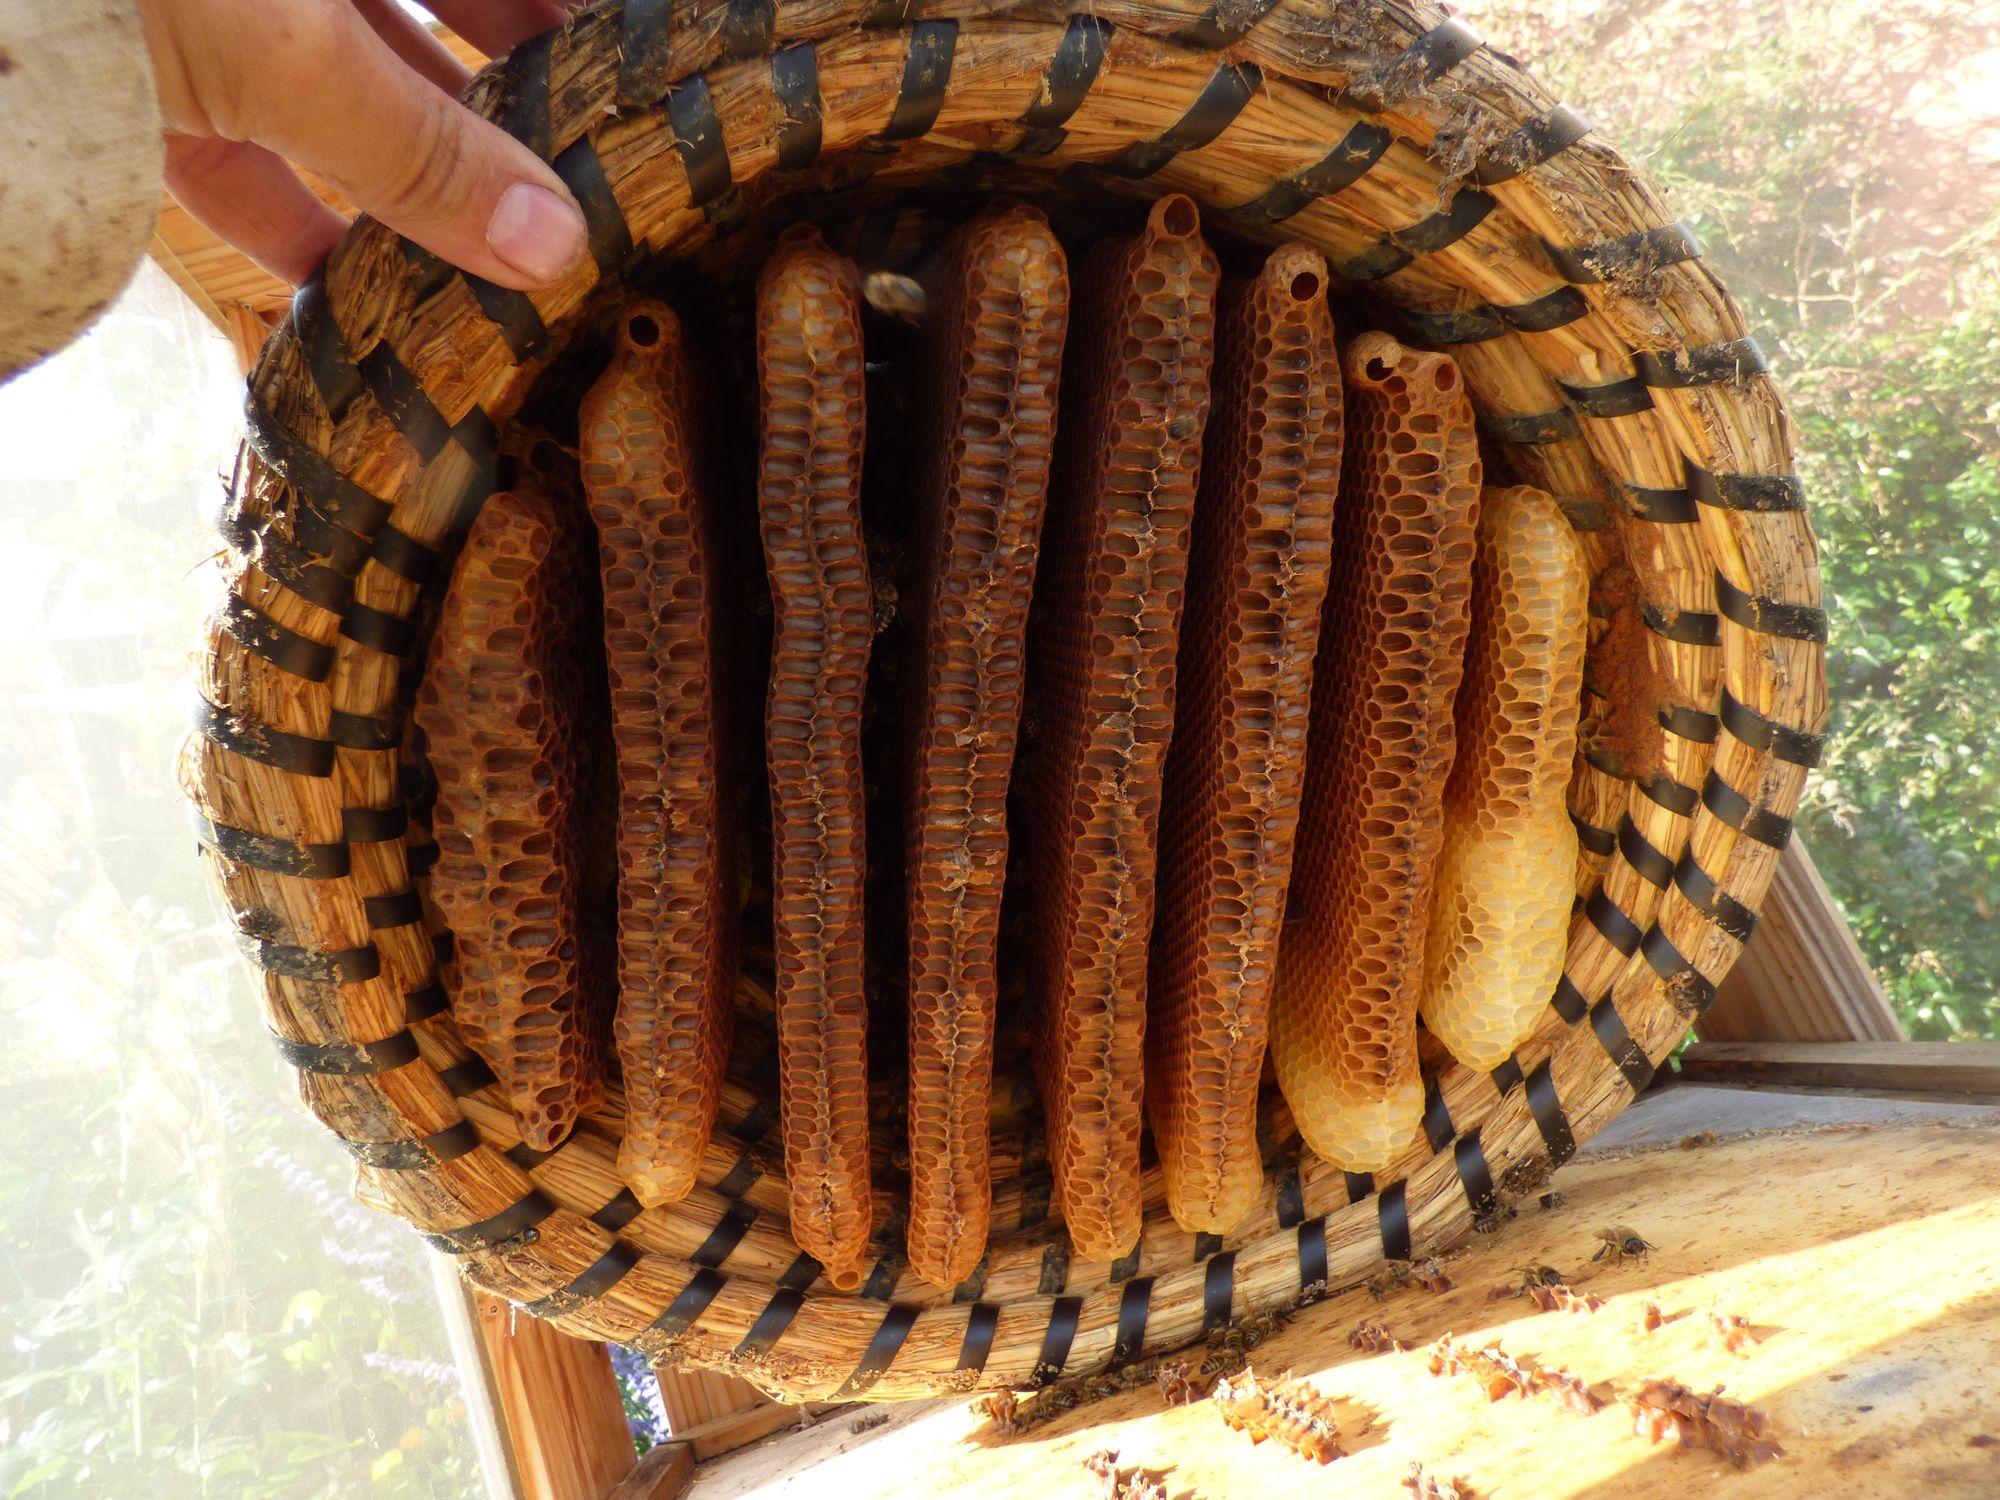 ein Bienenkorb von unten(am oberen Rand sind übrigens Weiselzellen zu sehen[die Weisel ist schon geschlüpft